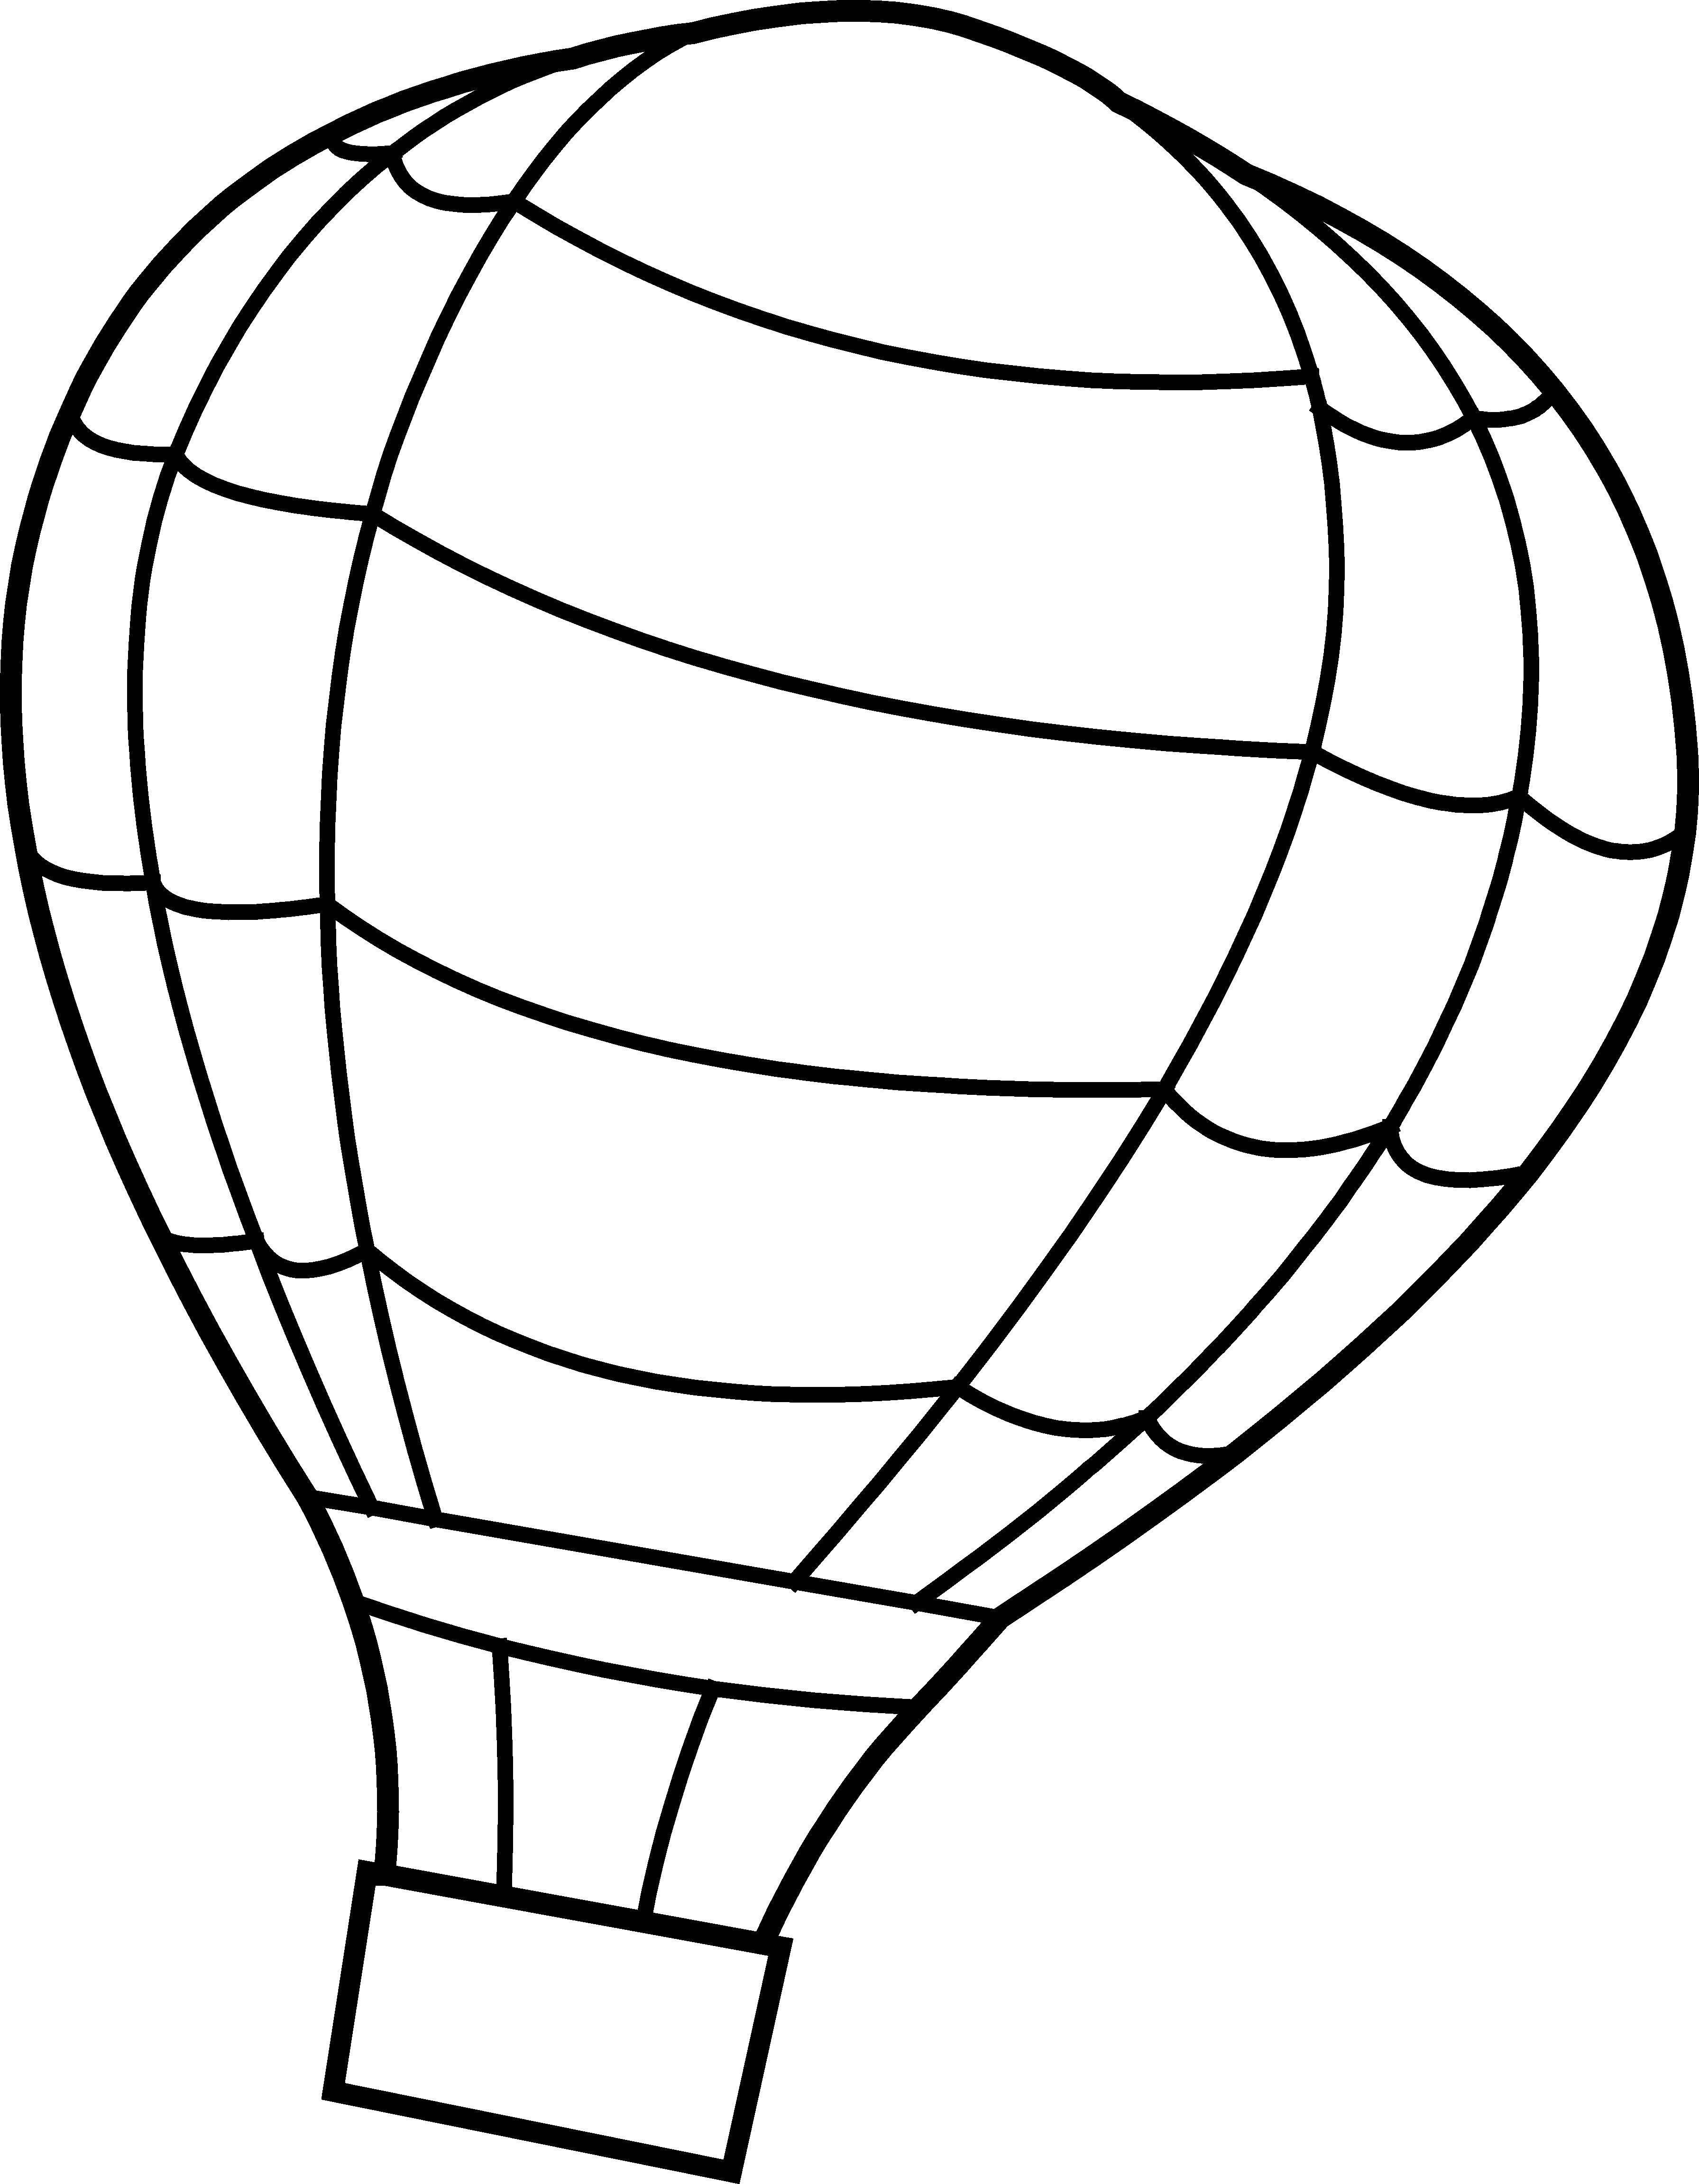 получение картинки раскраски воздушный шар с корзиной они